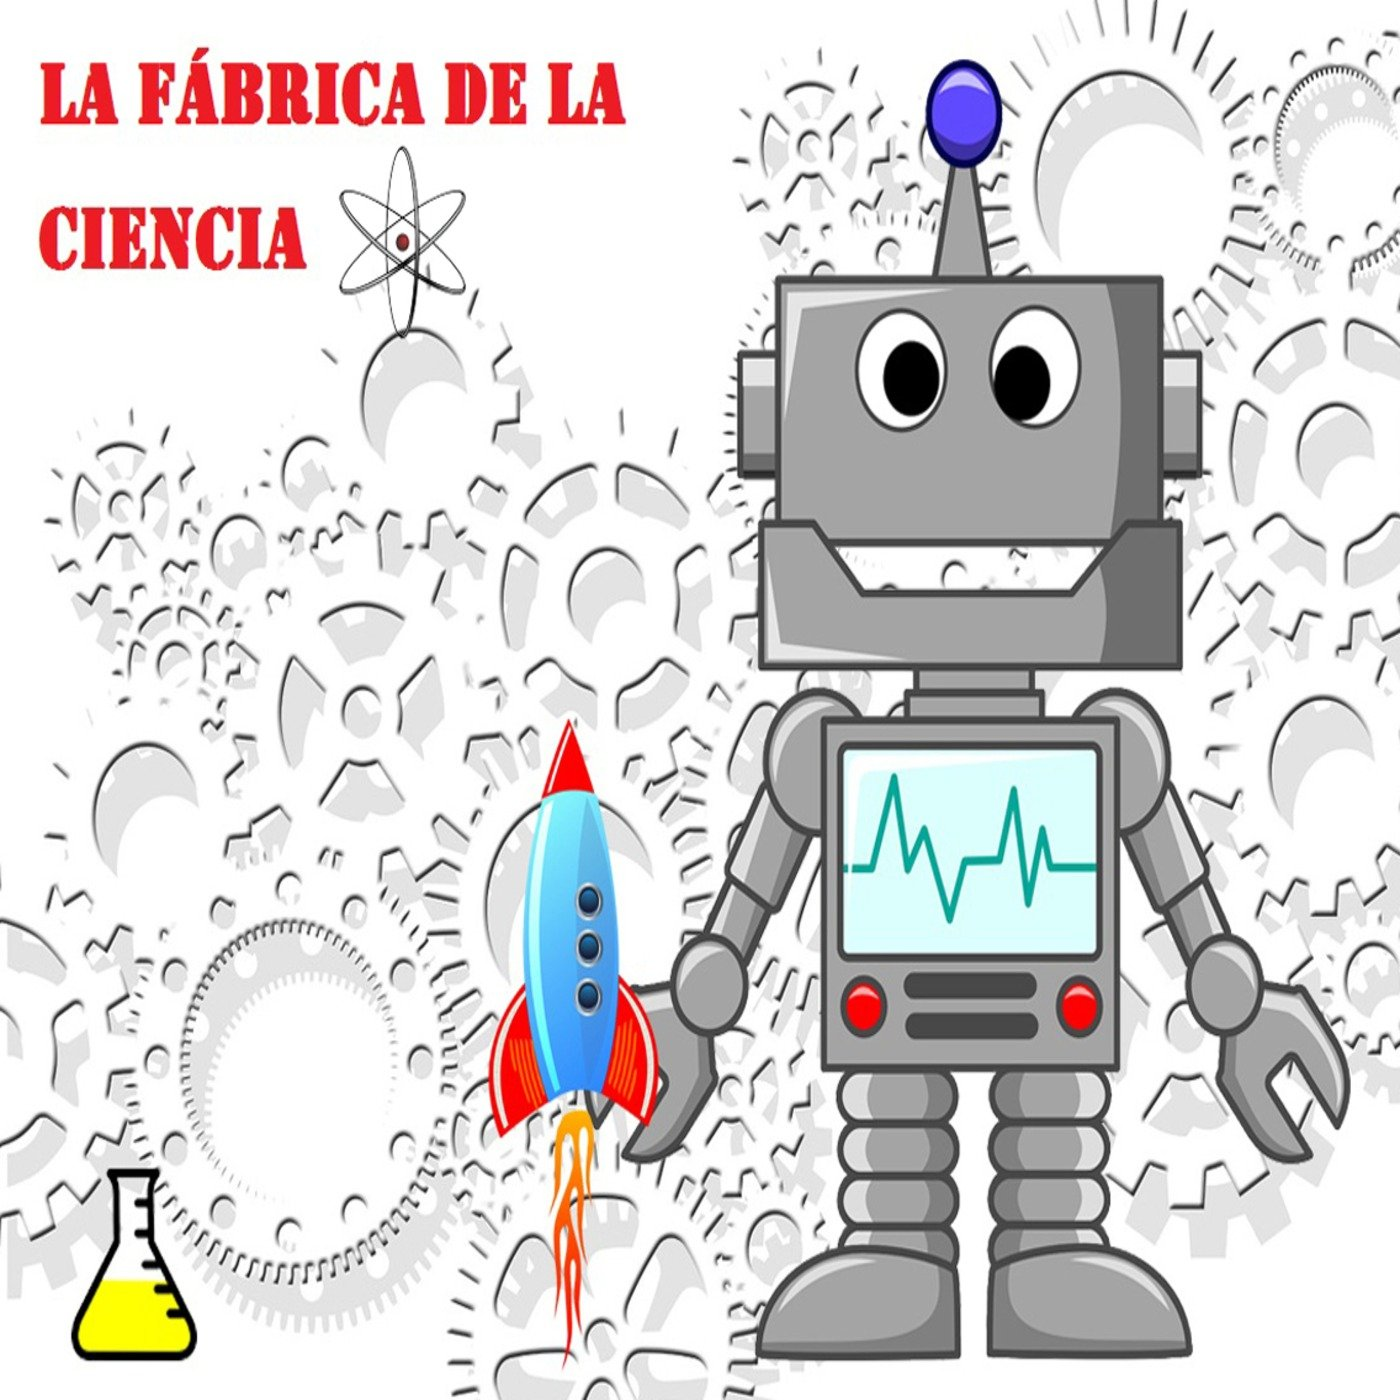 Logo de La fábrica de la ciencia